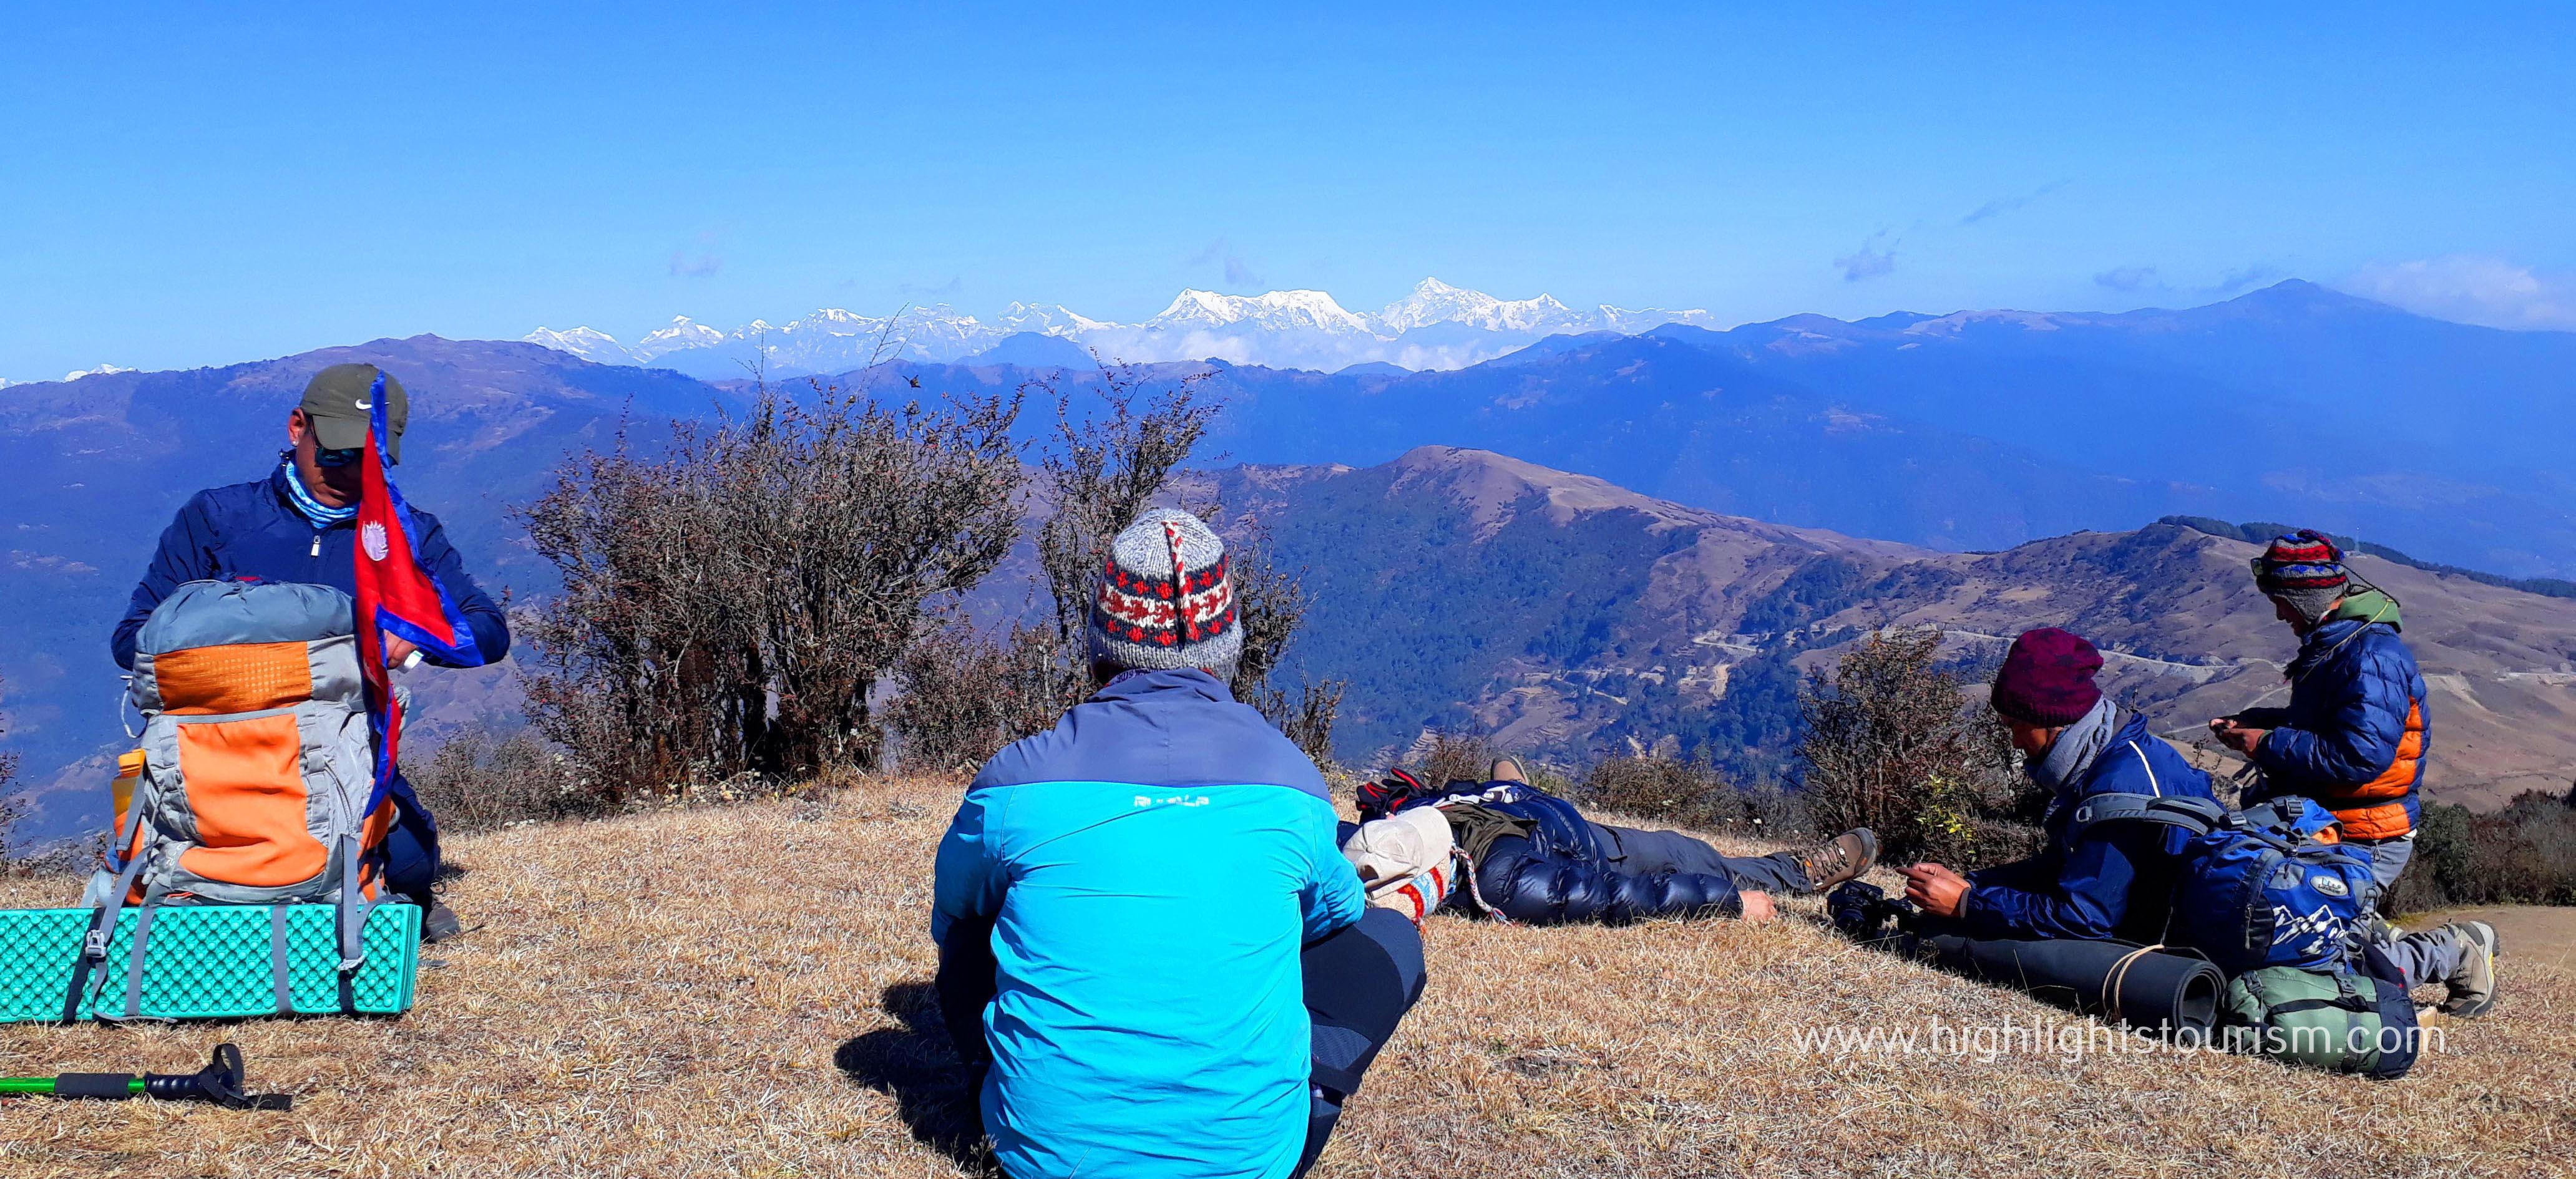 Enjoying the glamour of Mundhum Trek in eastern Nepal